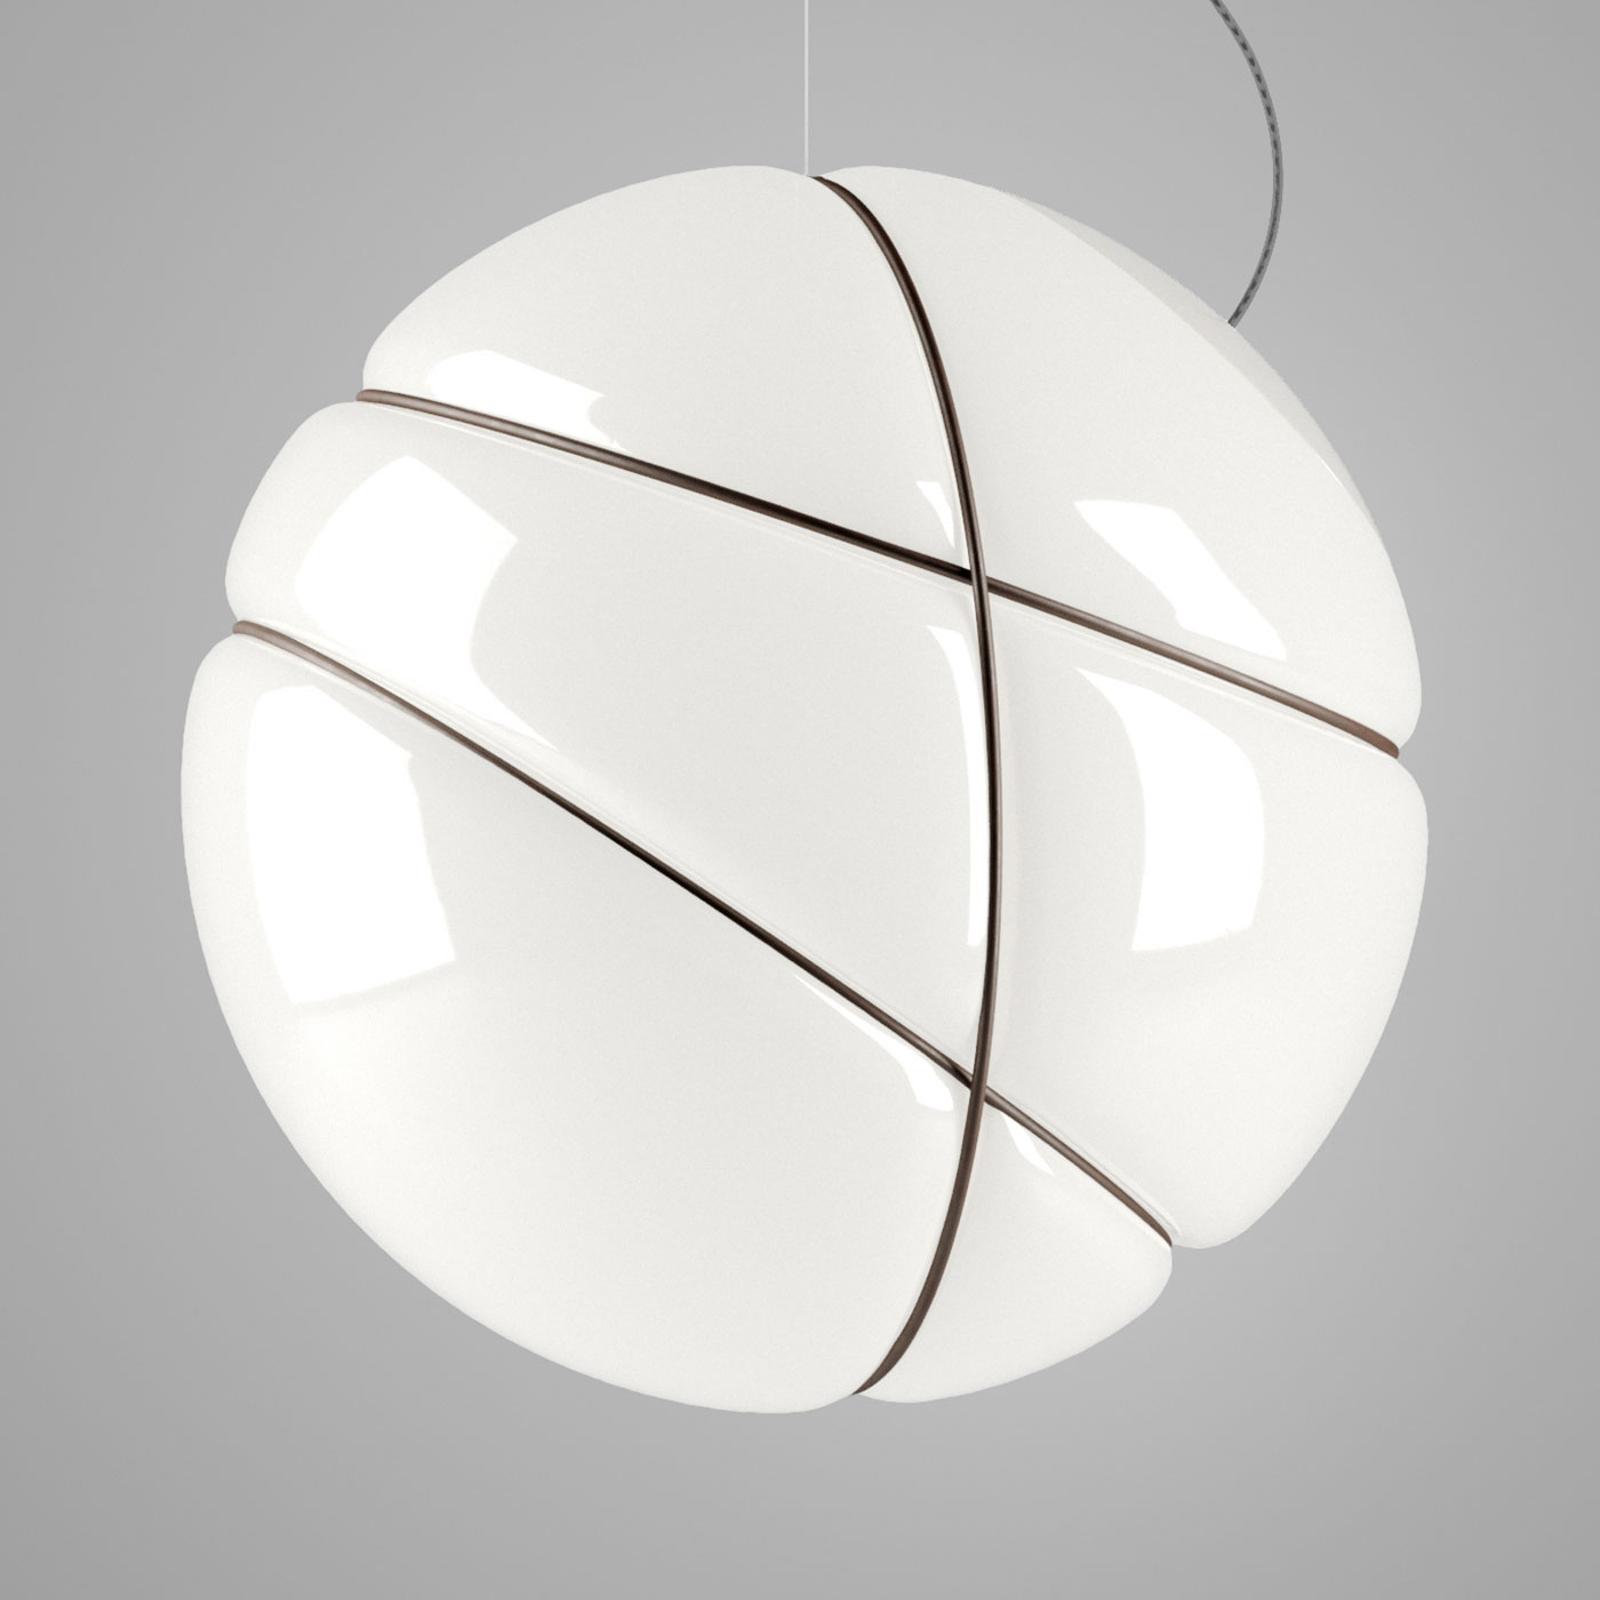 Fabbian Armilla szklana lampa wisząca biała